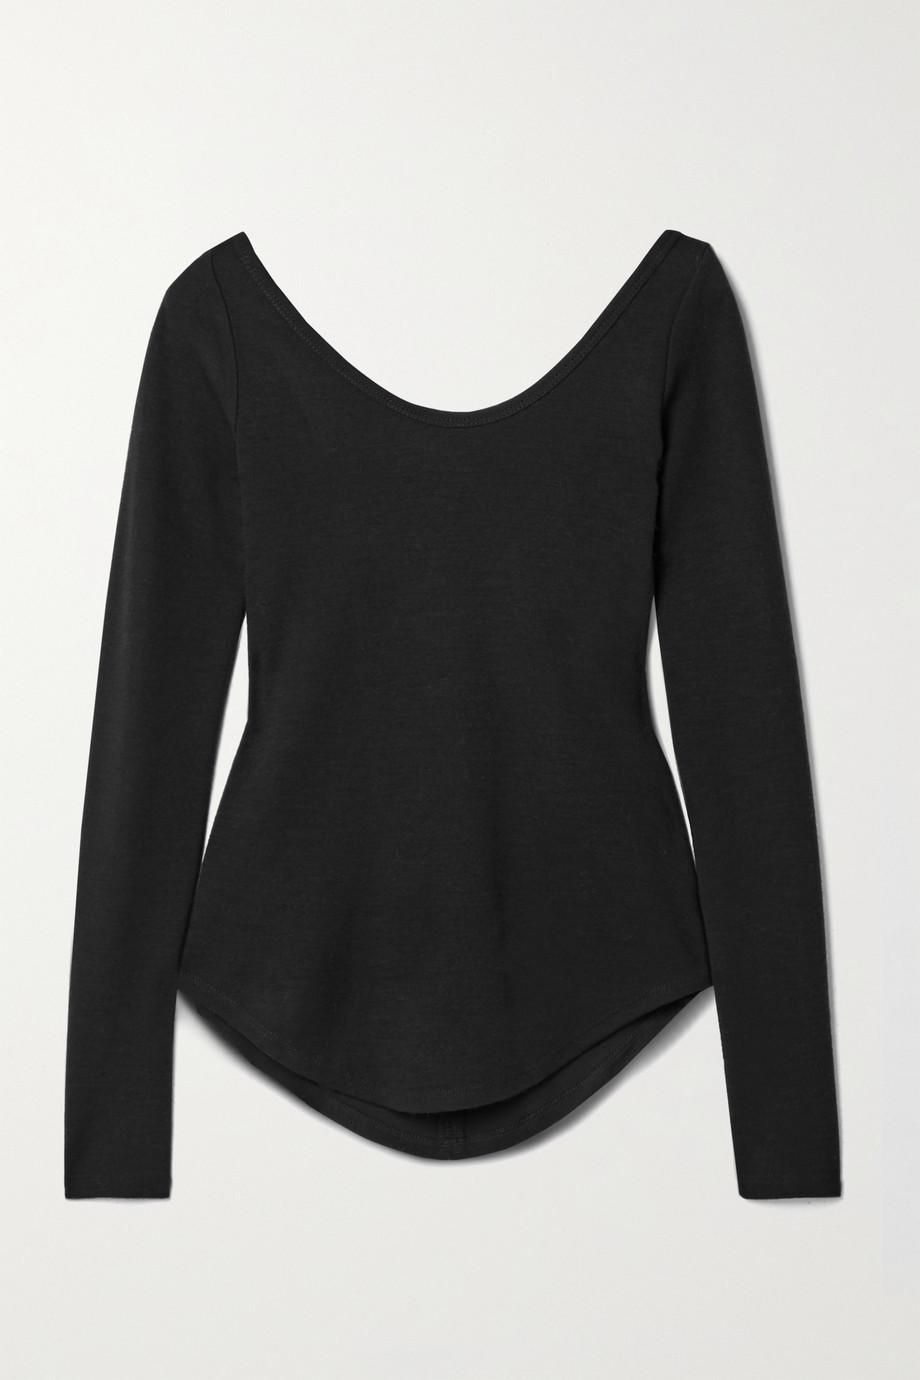 Frances de Lourdes Aurelia stretch-knit top